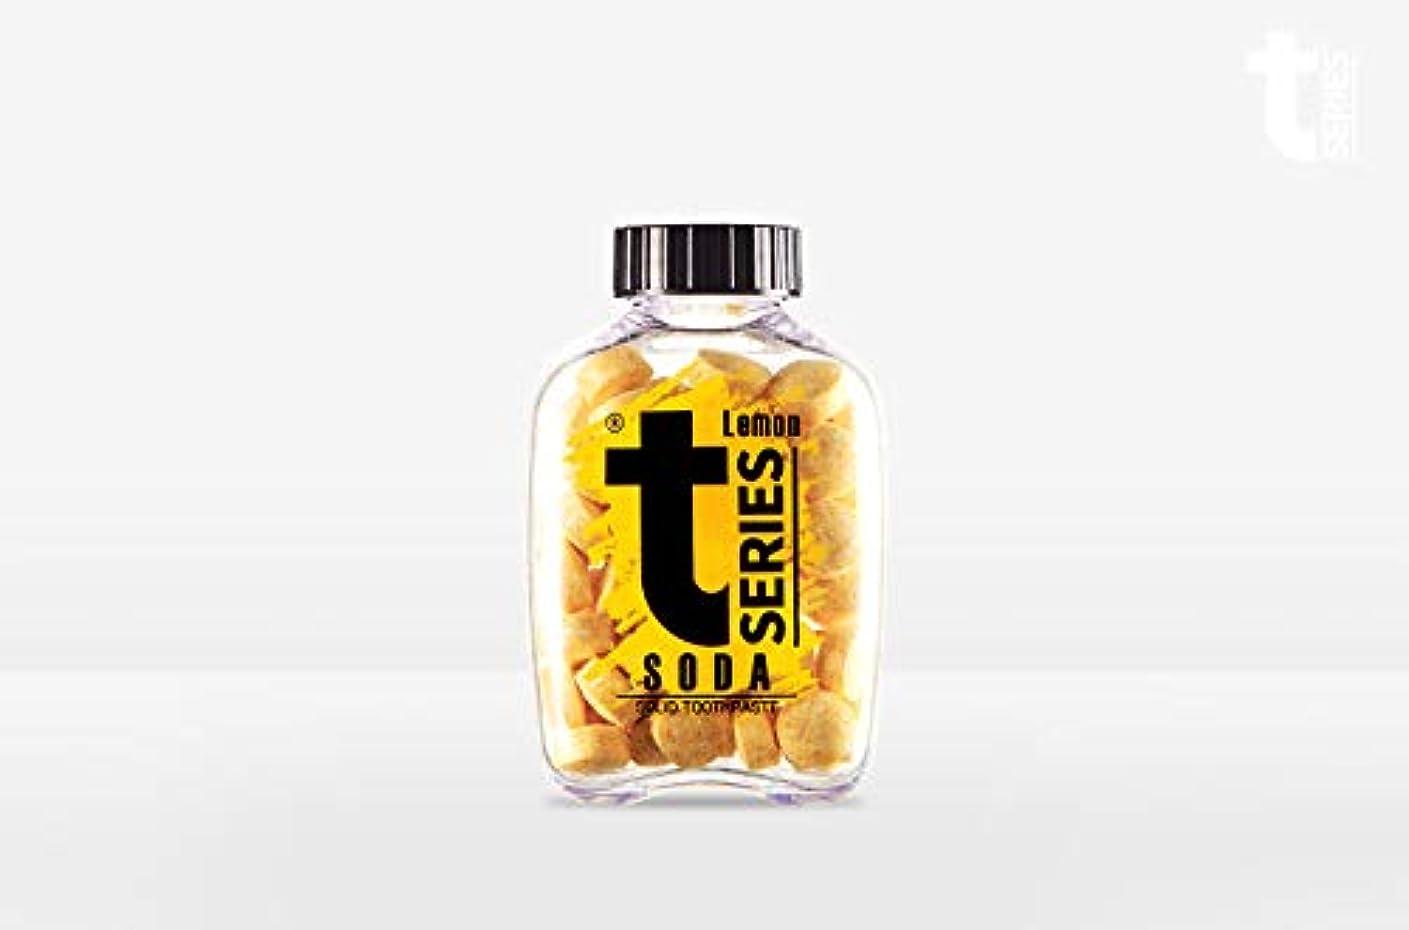 観察有益な酔っ払いT - シリーズチュアブル ポータブル練り歯磨きソリッドタブレット型60タブ# ソーダレモン